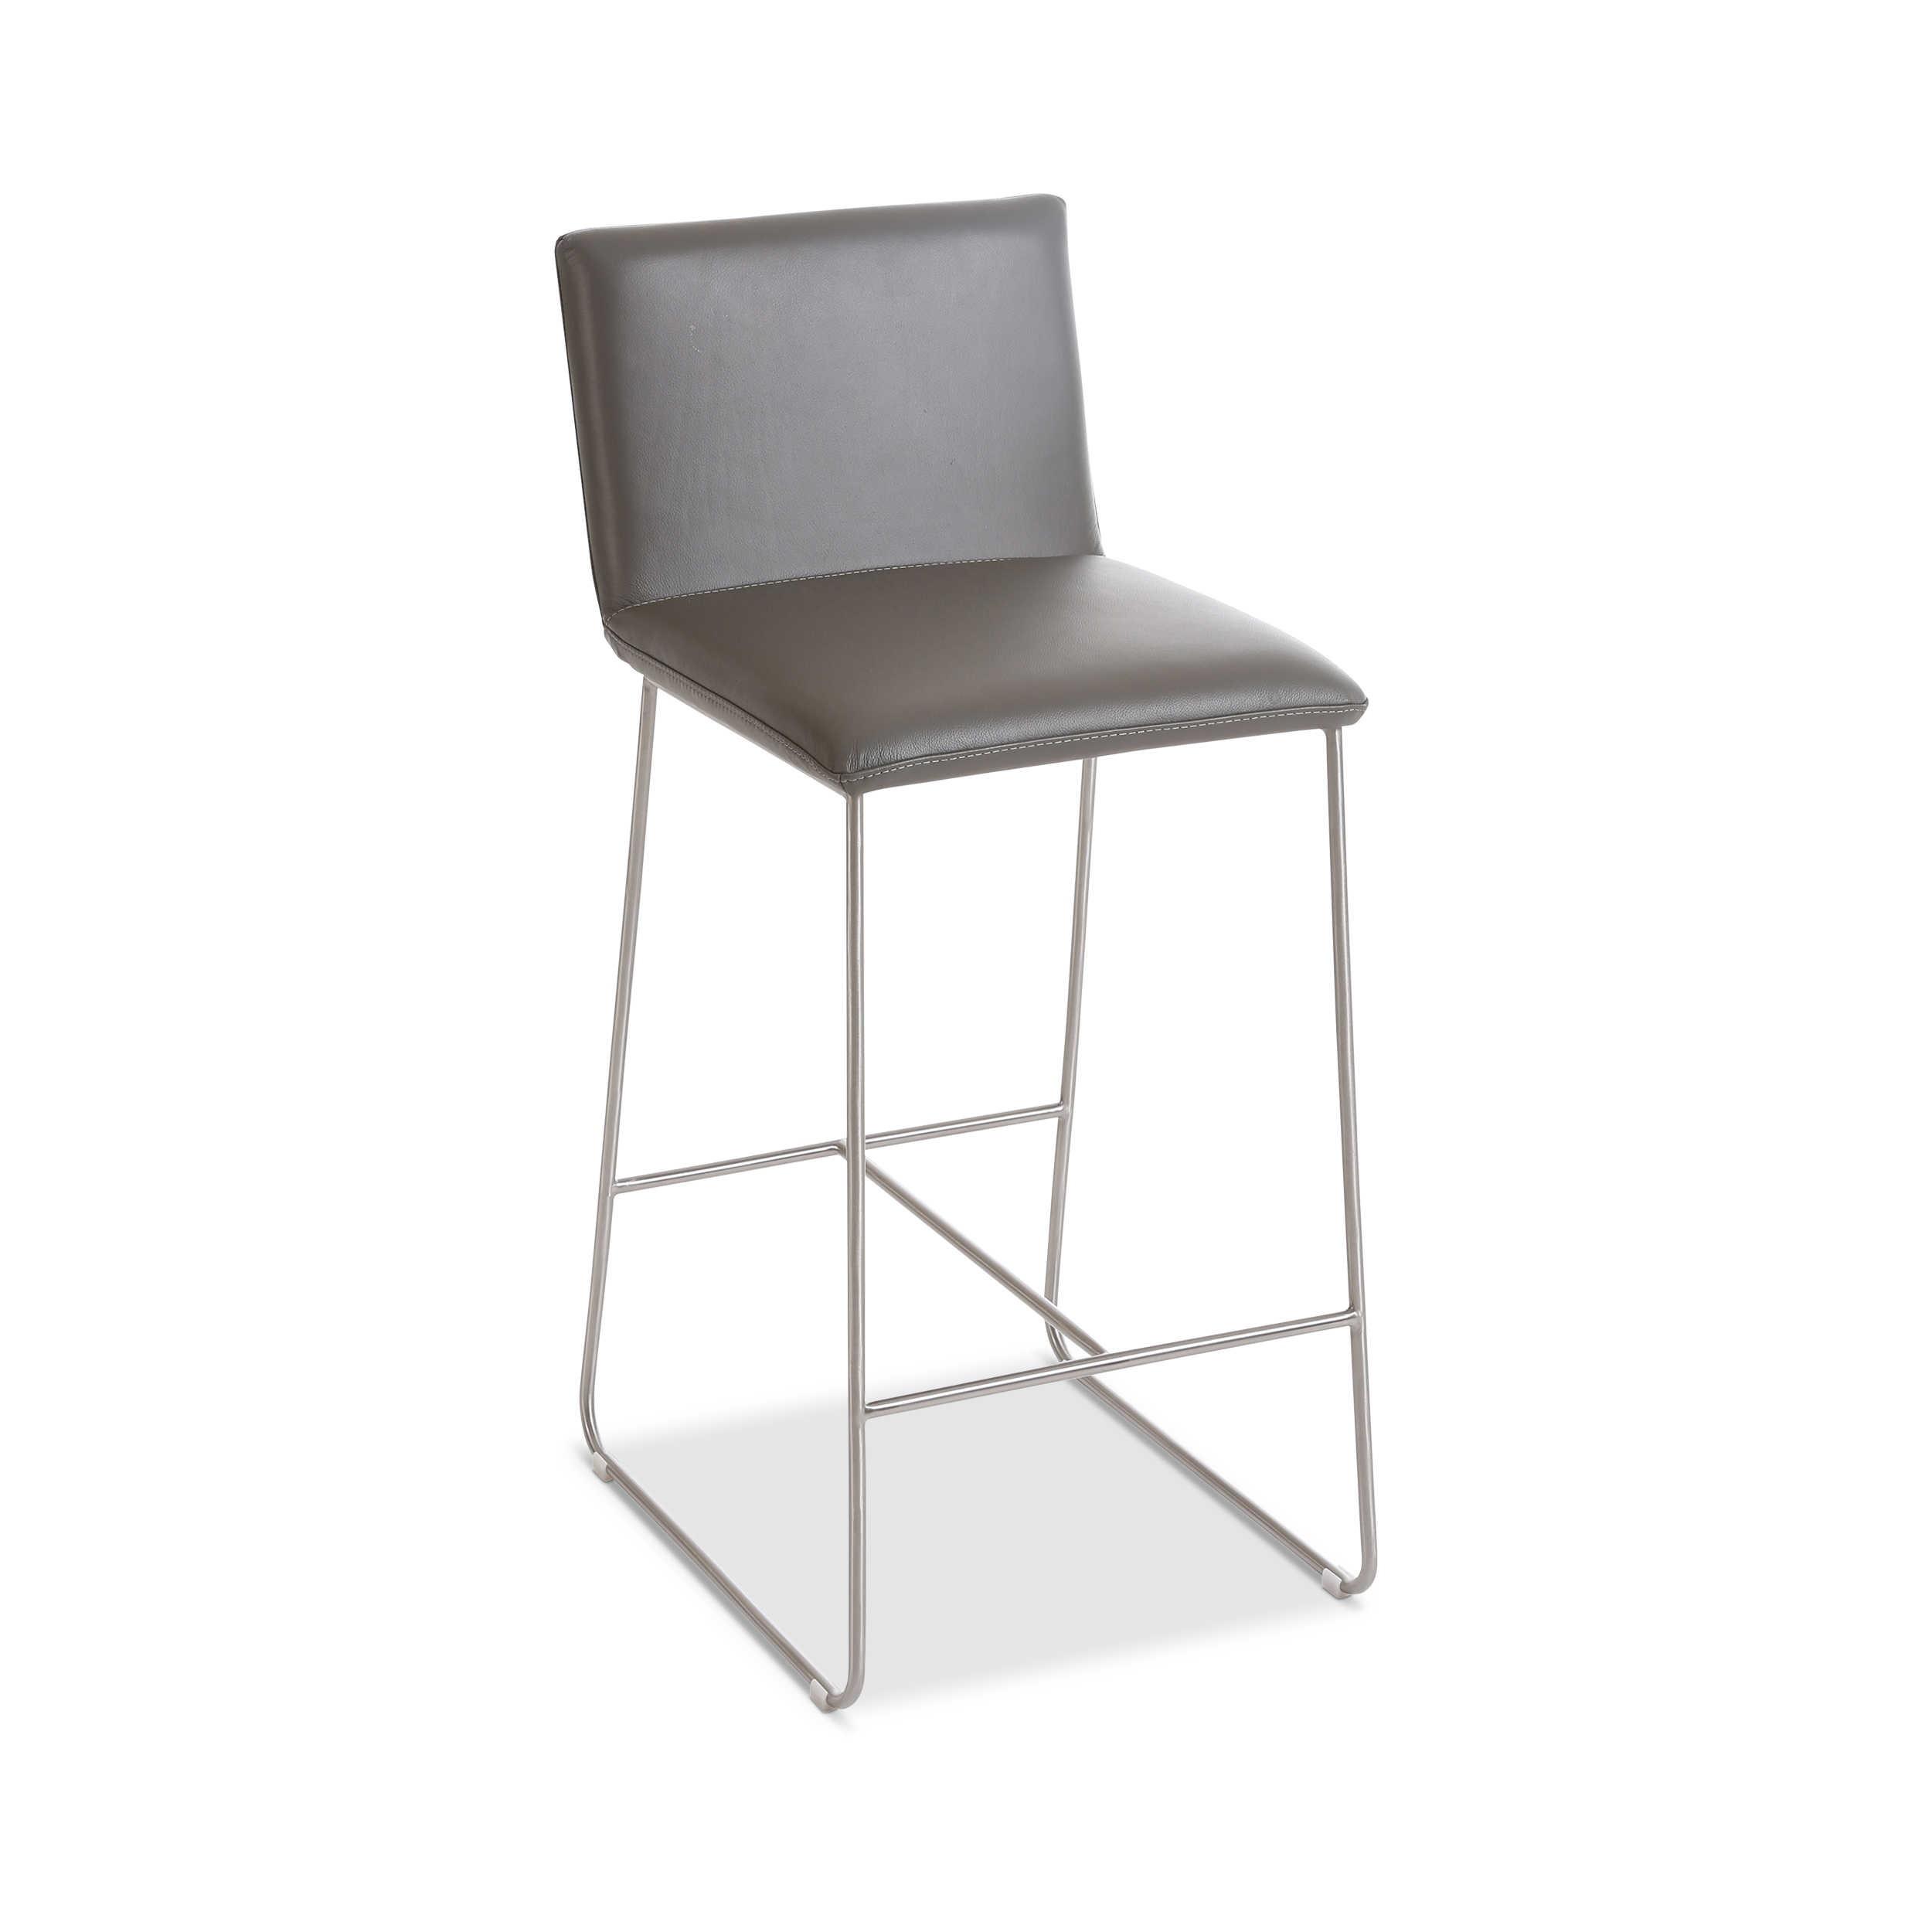 barhocker larino grau leder online kaufen bei woonio. Black Bedroom Furniture Sets. Home Design Ideas